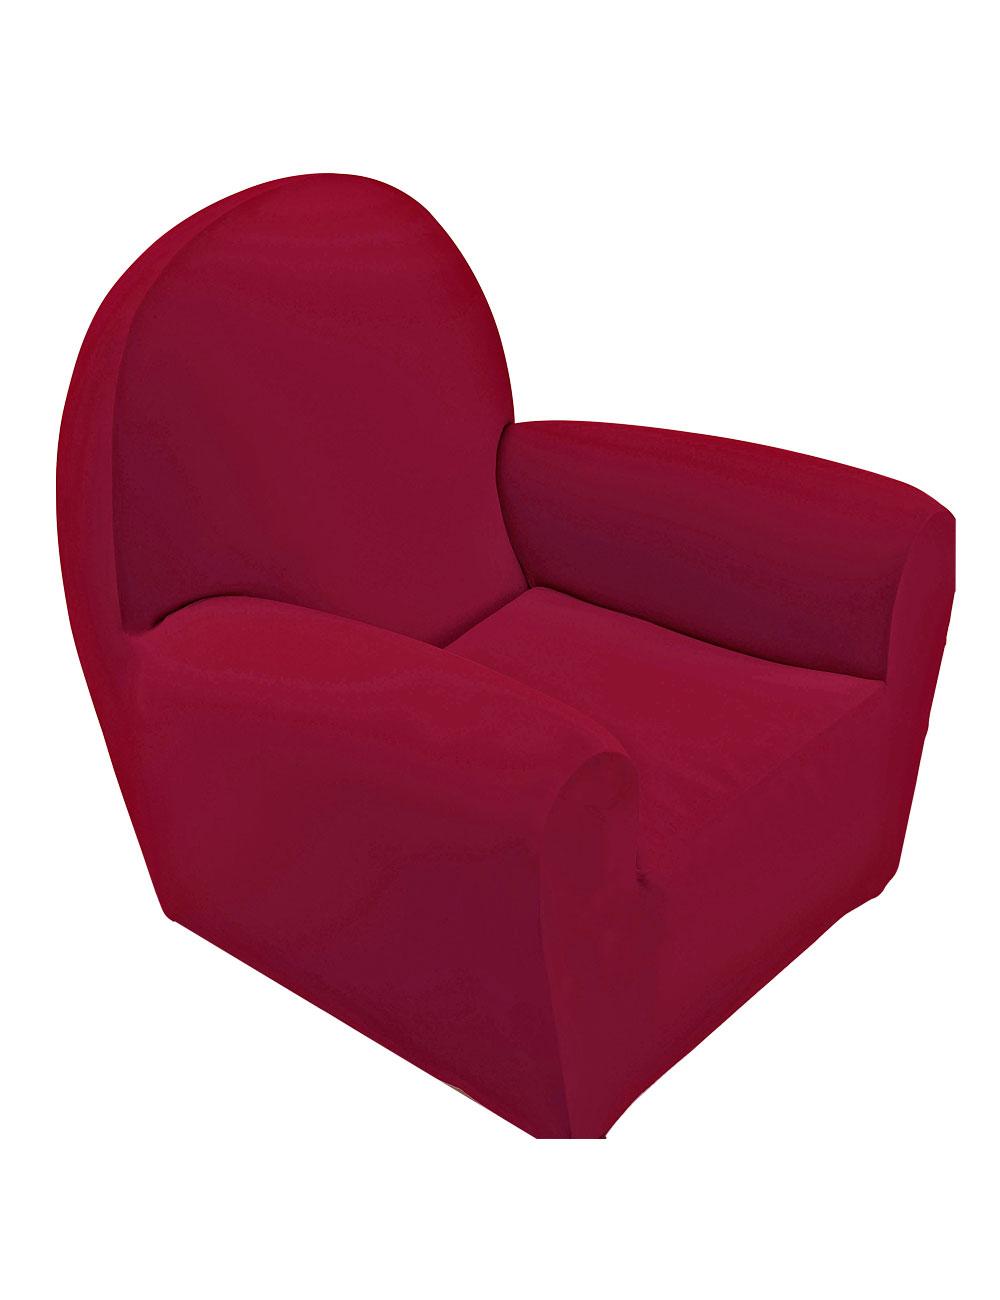 Housse bi lastique pour canap 3 places 185 210 cm rouge for Housse canape elastique